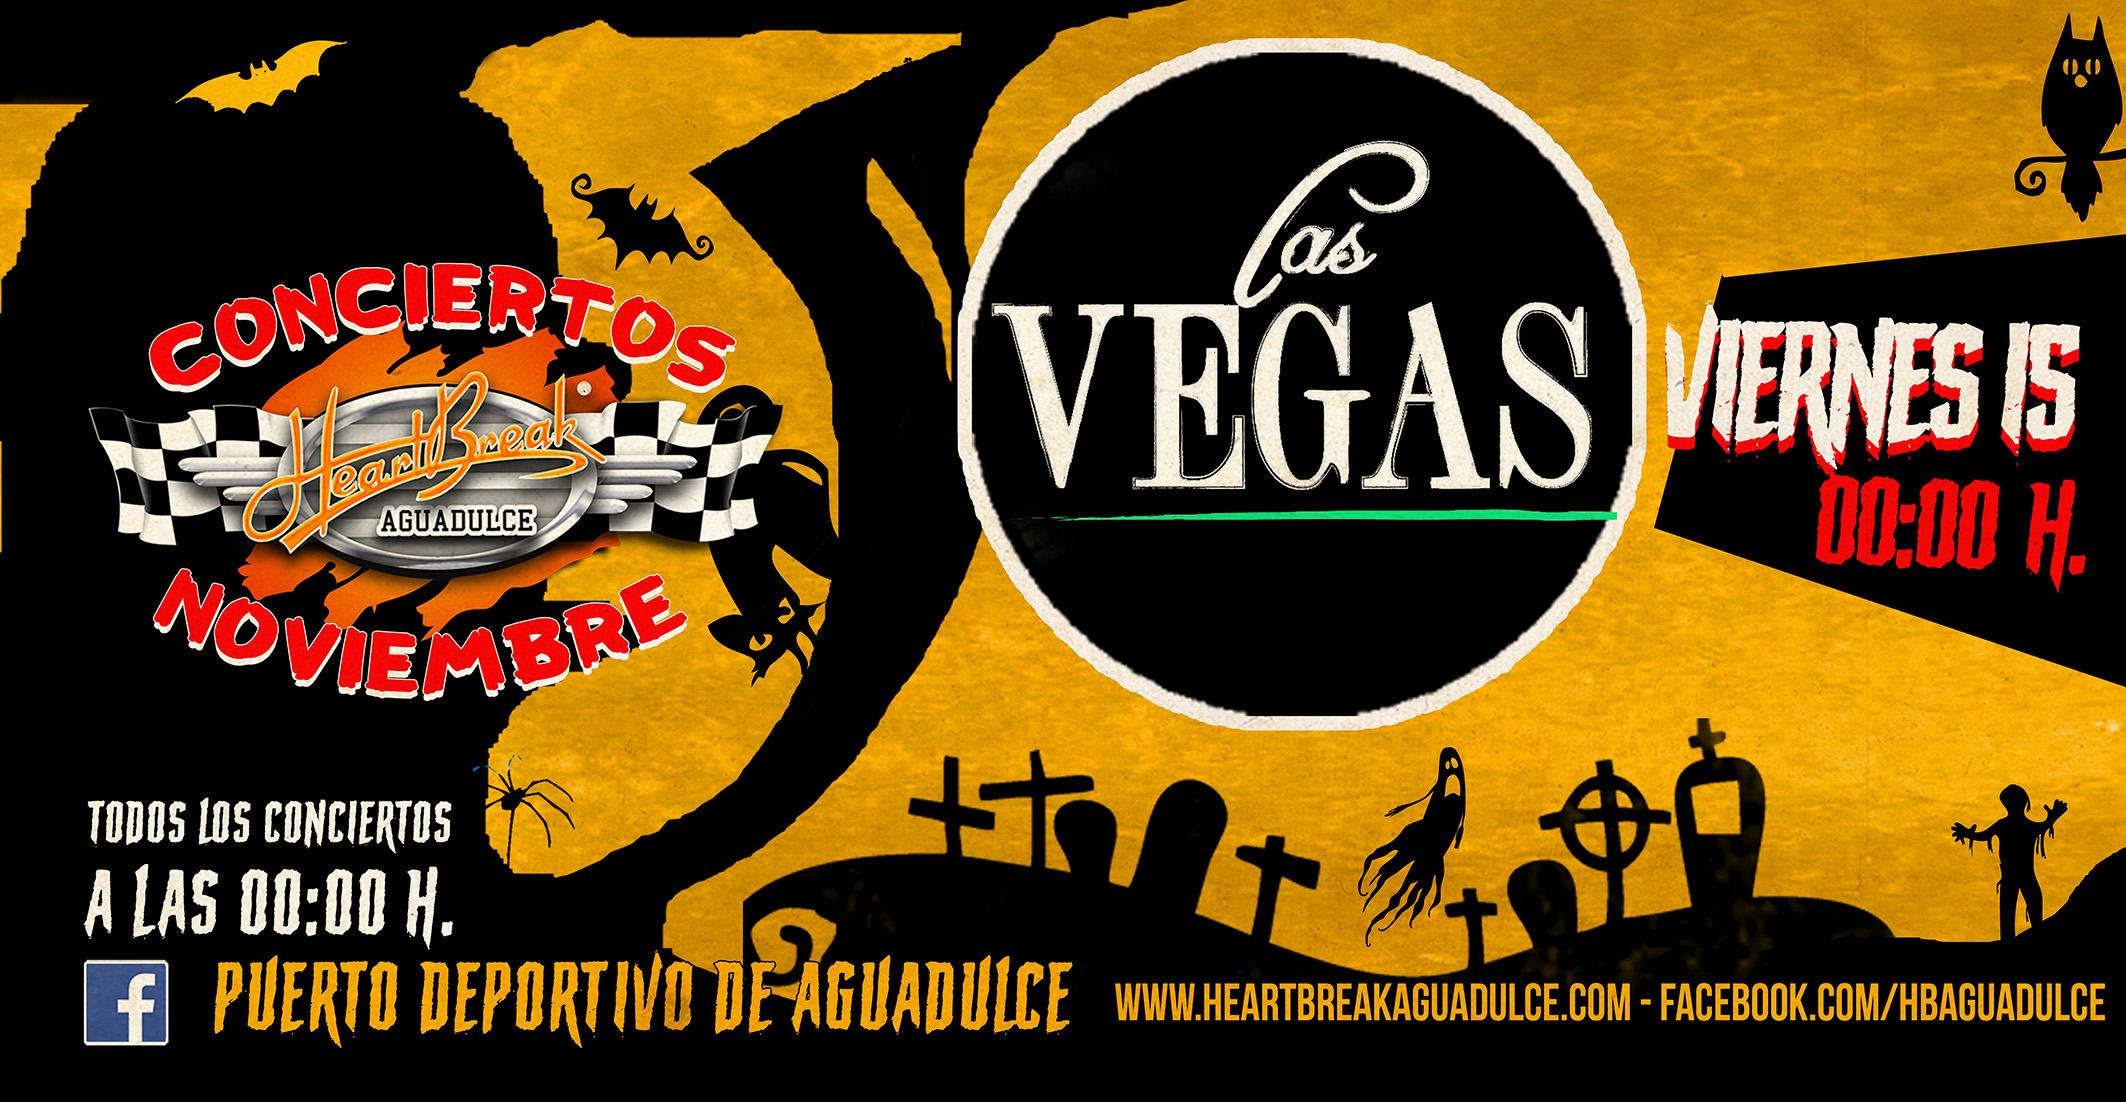 Concierto de Las Vegas